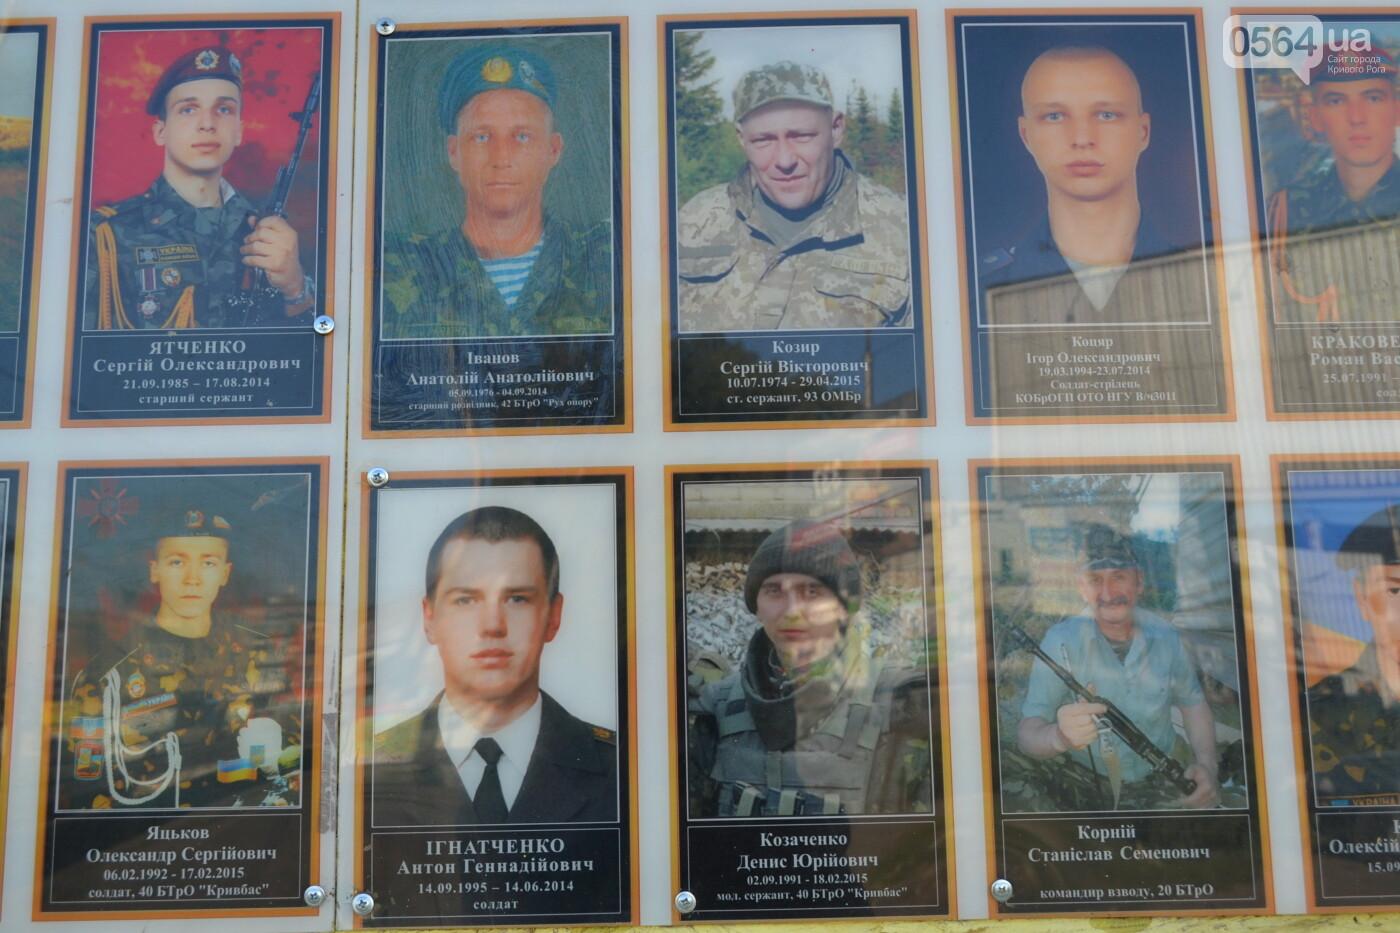 Поздравить живых, поклониться погибшим, - сегодня День защитника Украины, - ФОТО, фото-8